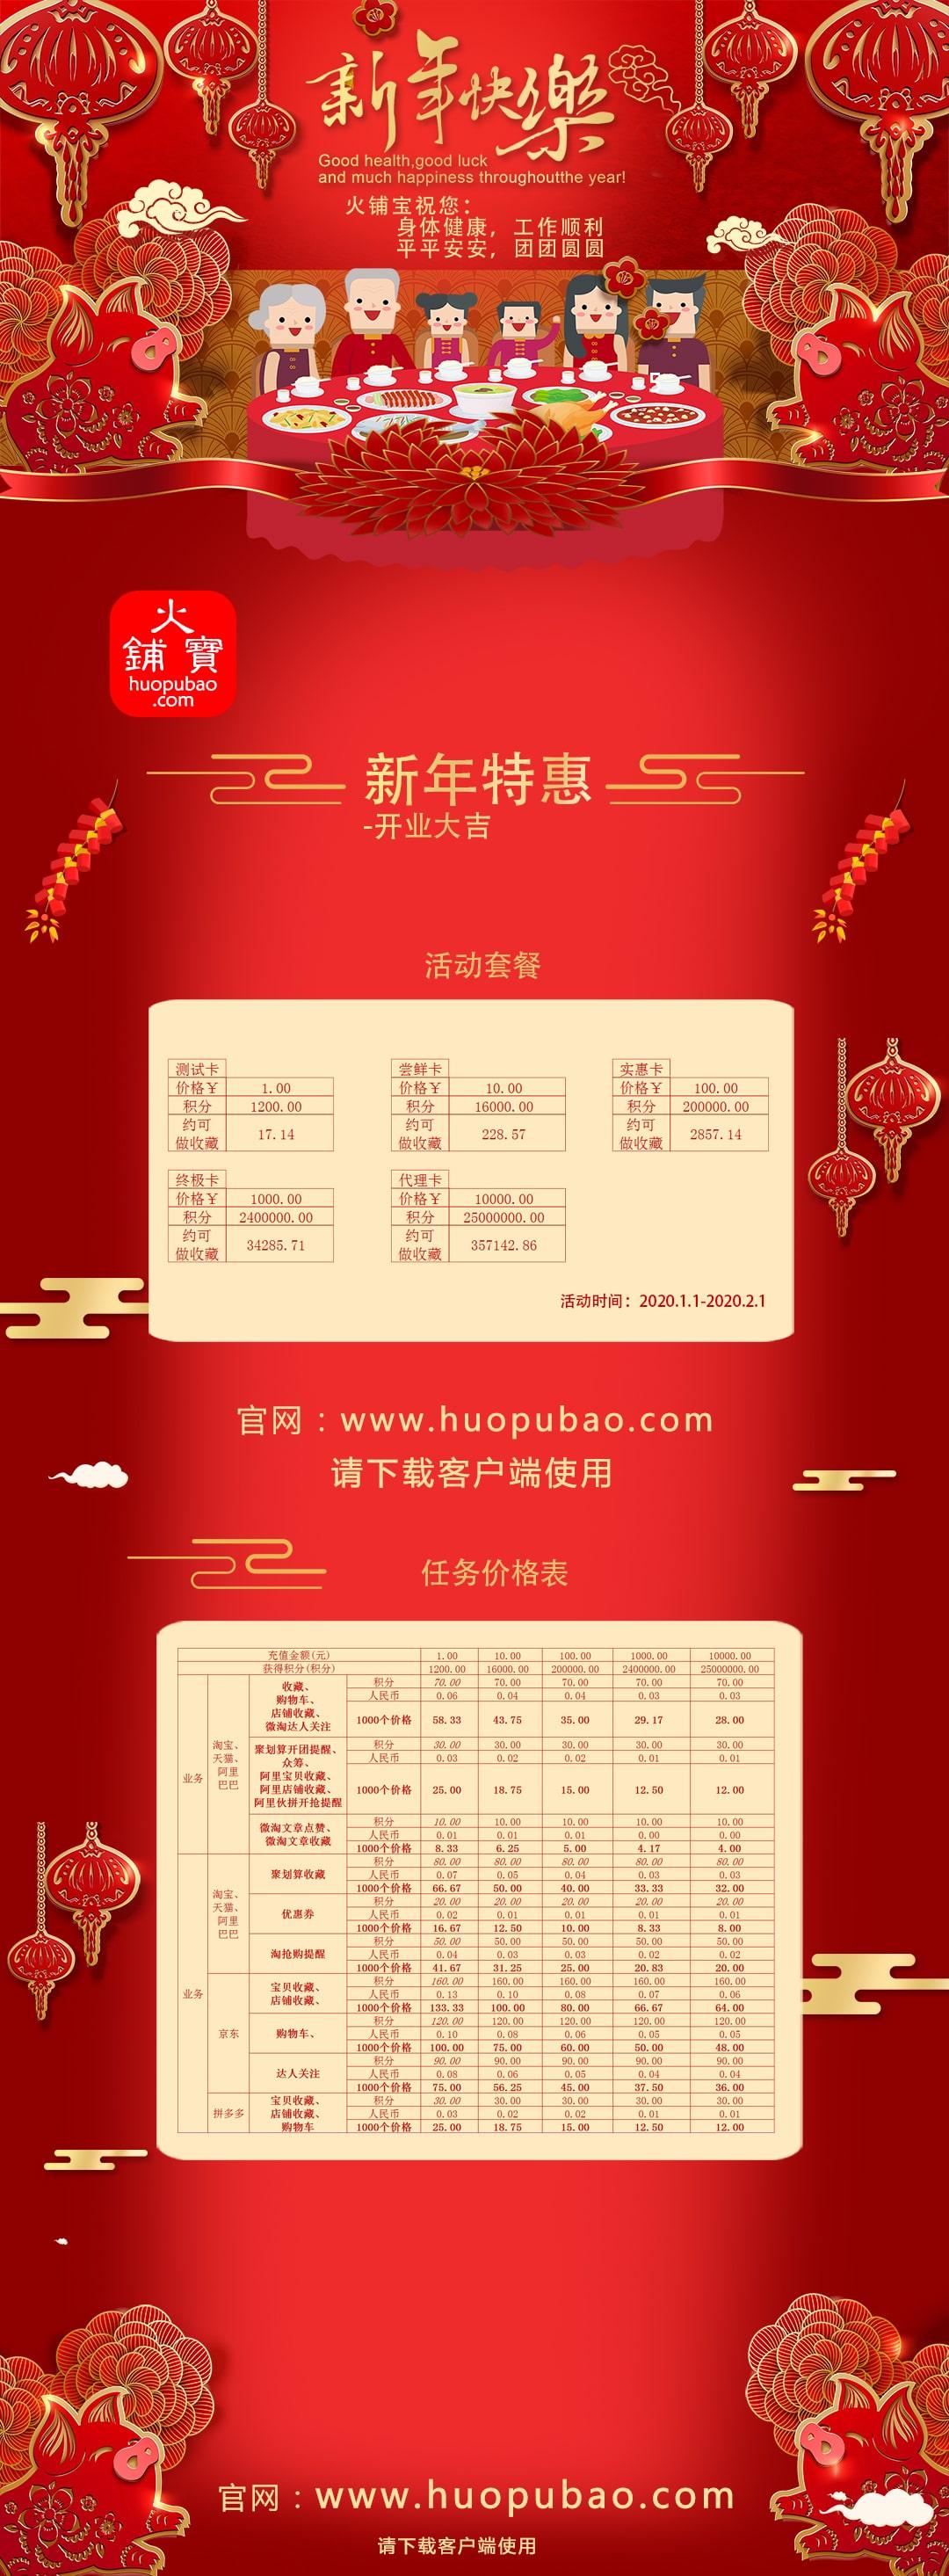 火铺宝新年促销年货节元旦首页专题页